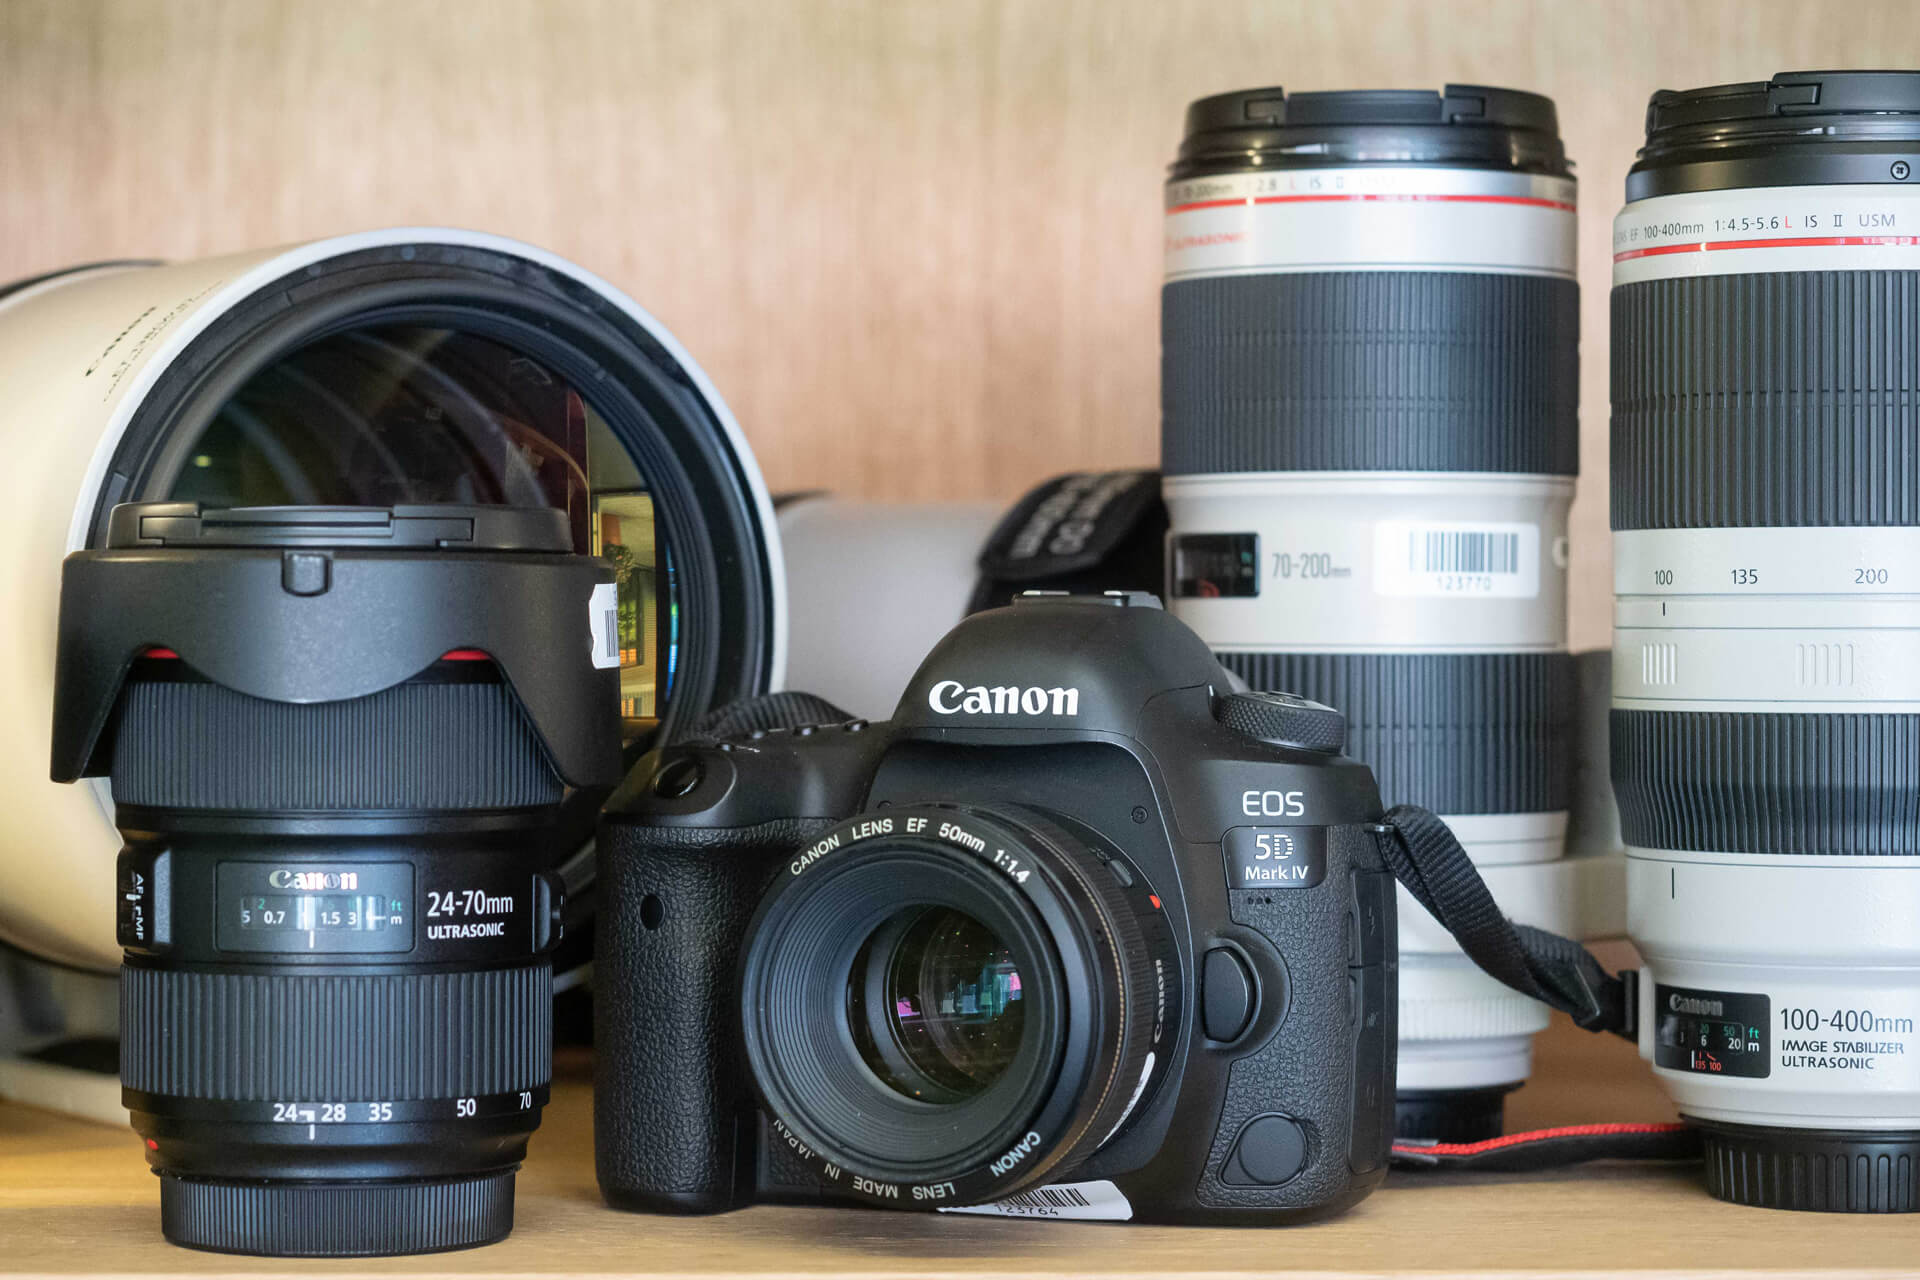 Kamera- und Objektiv-Verleih